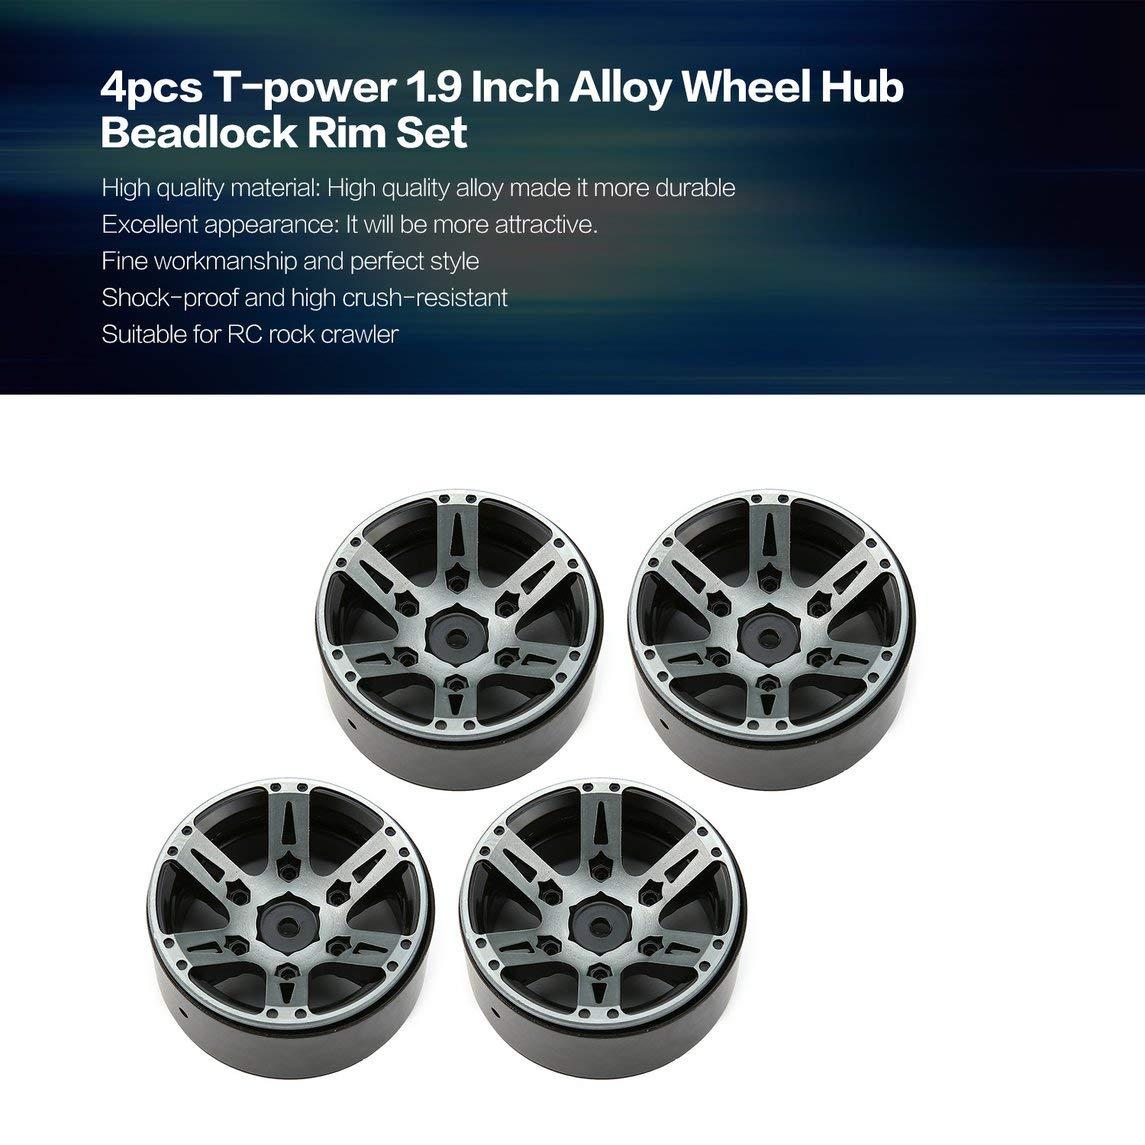 Footprintse Ruedas para Coches RC;Ruedas para RC 4pcs T-Power 1.9 Pulgadas de aleación del Eje de Rueda Beadlock Rim Set para 1/10 RC Crawler Color del ...